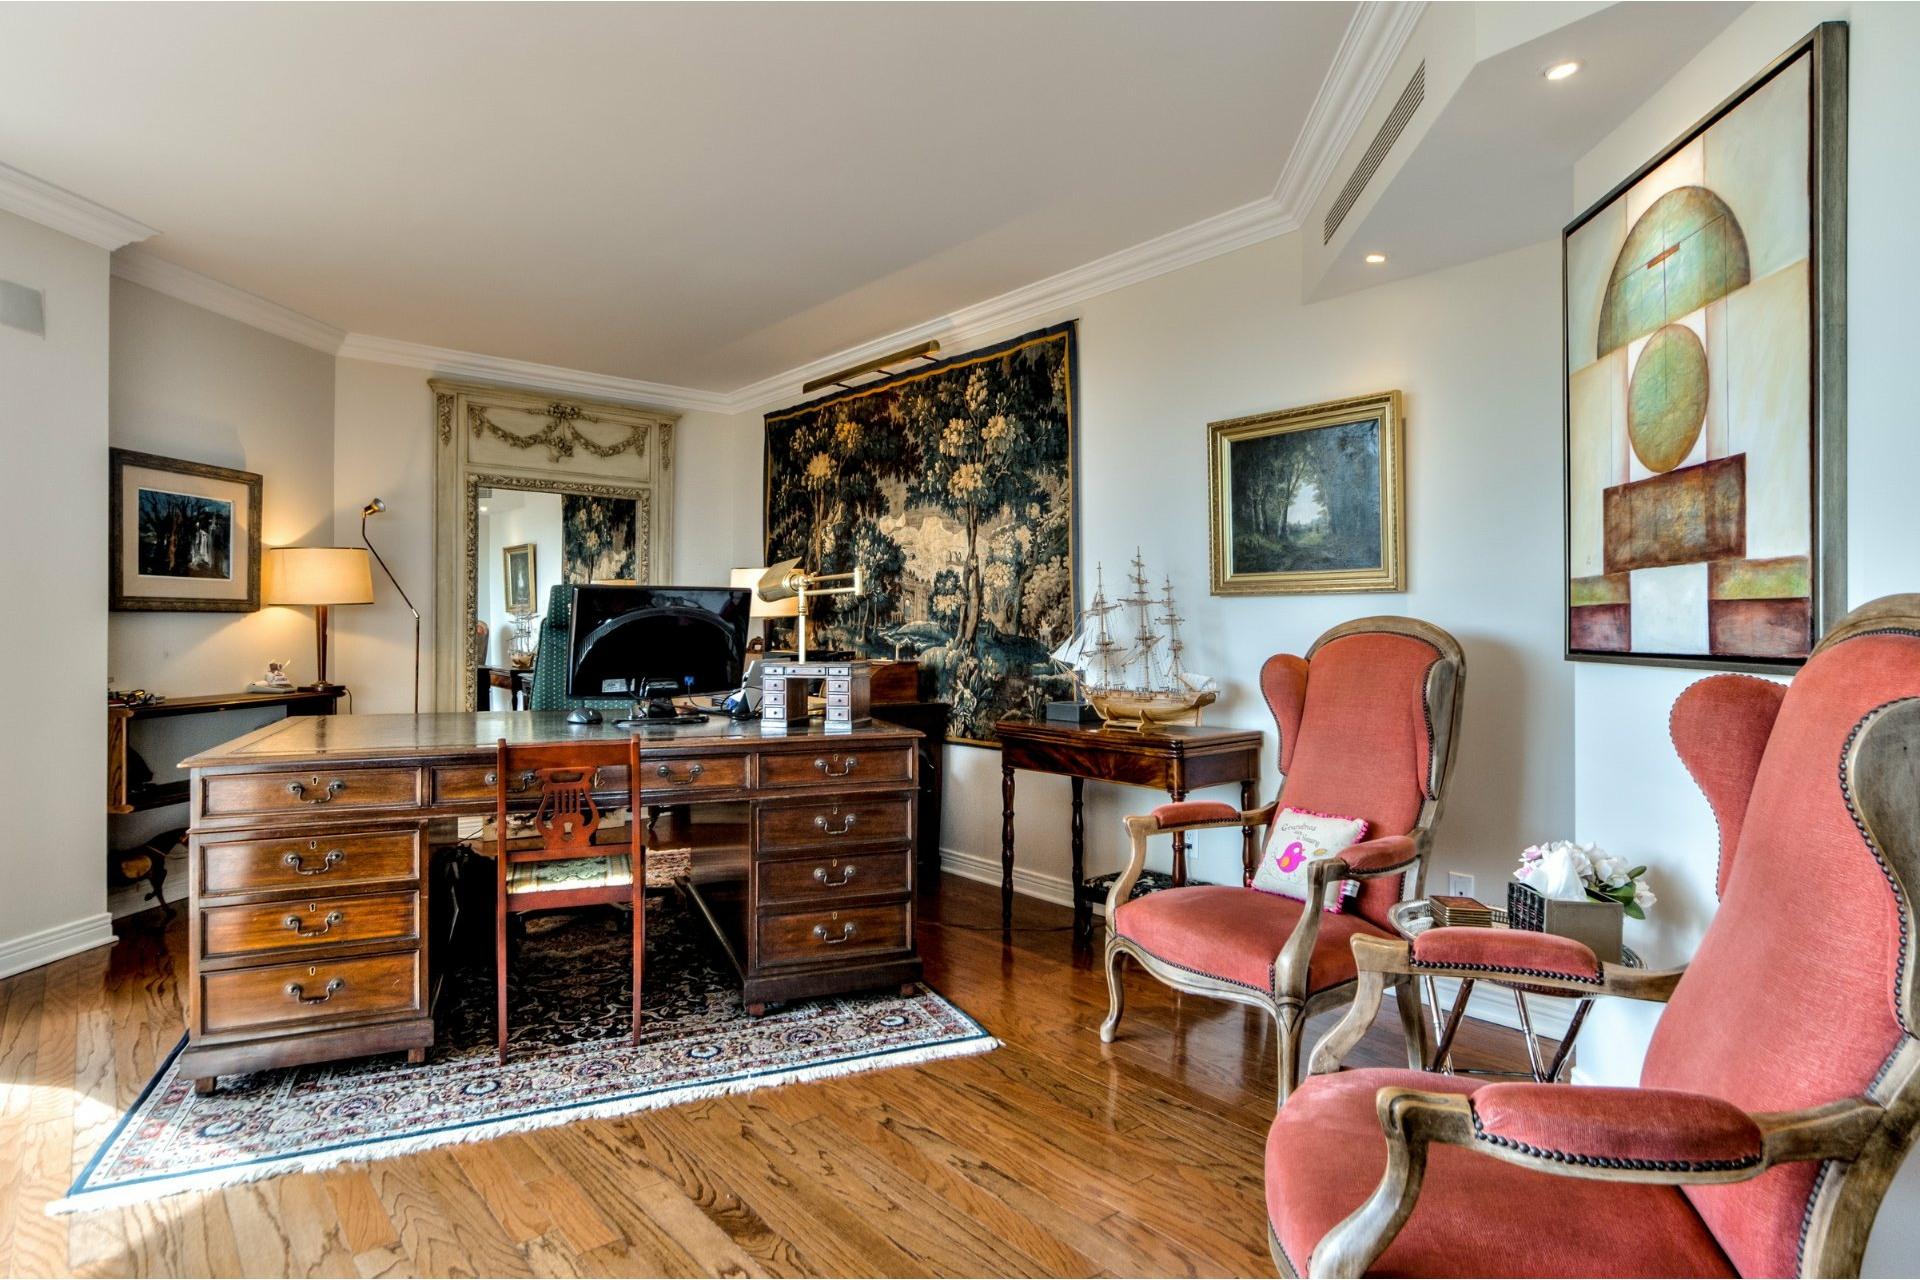 image 5 - Apartment For sale Côte-des-Neiges/Notre-Dame-de-Grâce Montréal  - 12 rooms